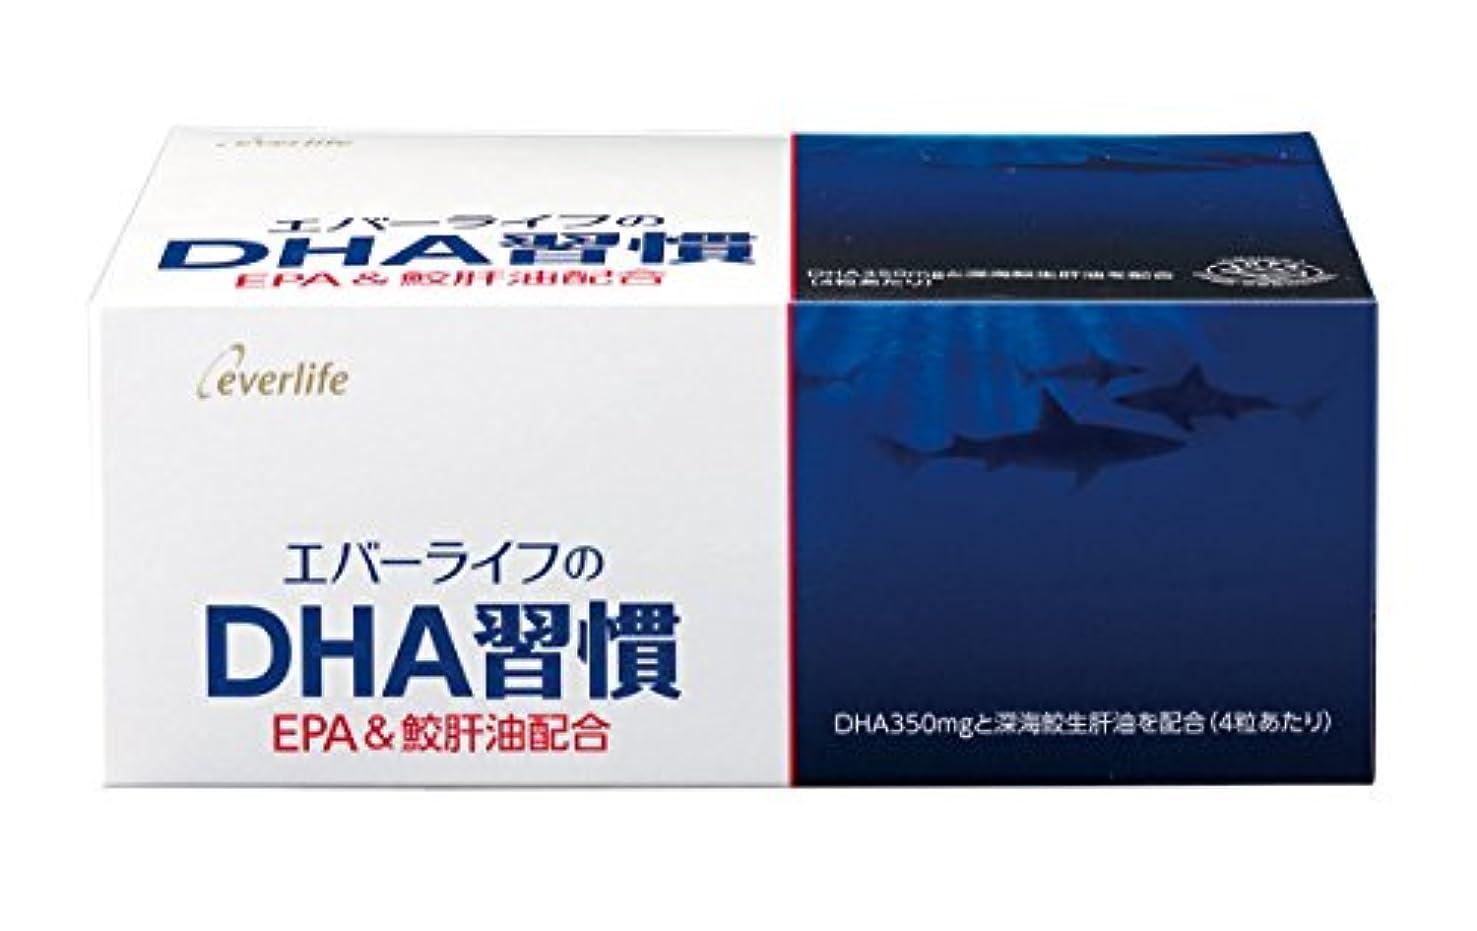 不適当汚れる一過性エバーライフ DHA習慣 120粒 (約1か月分)